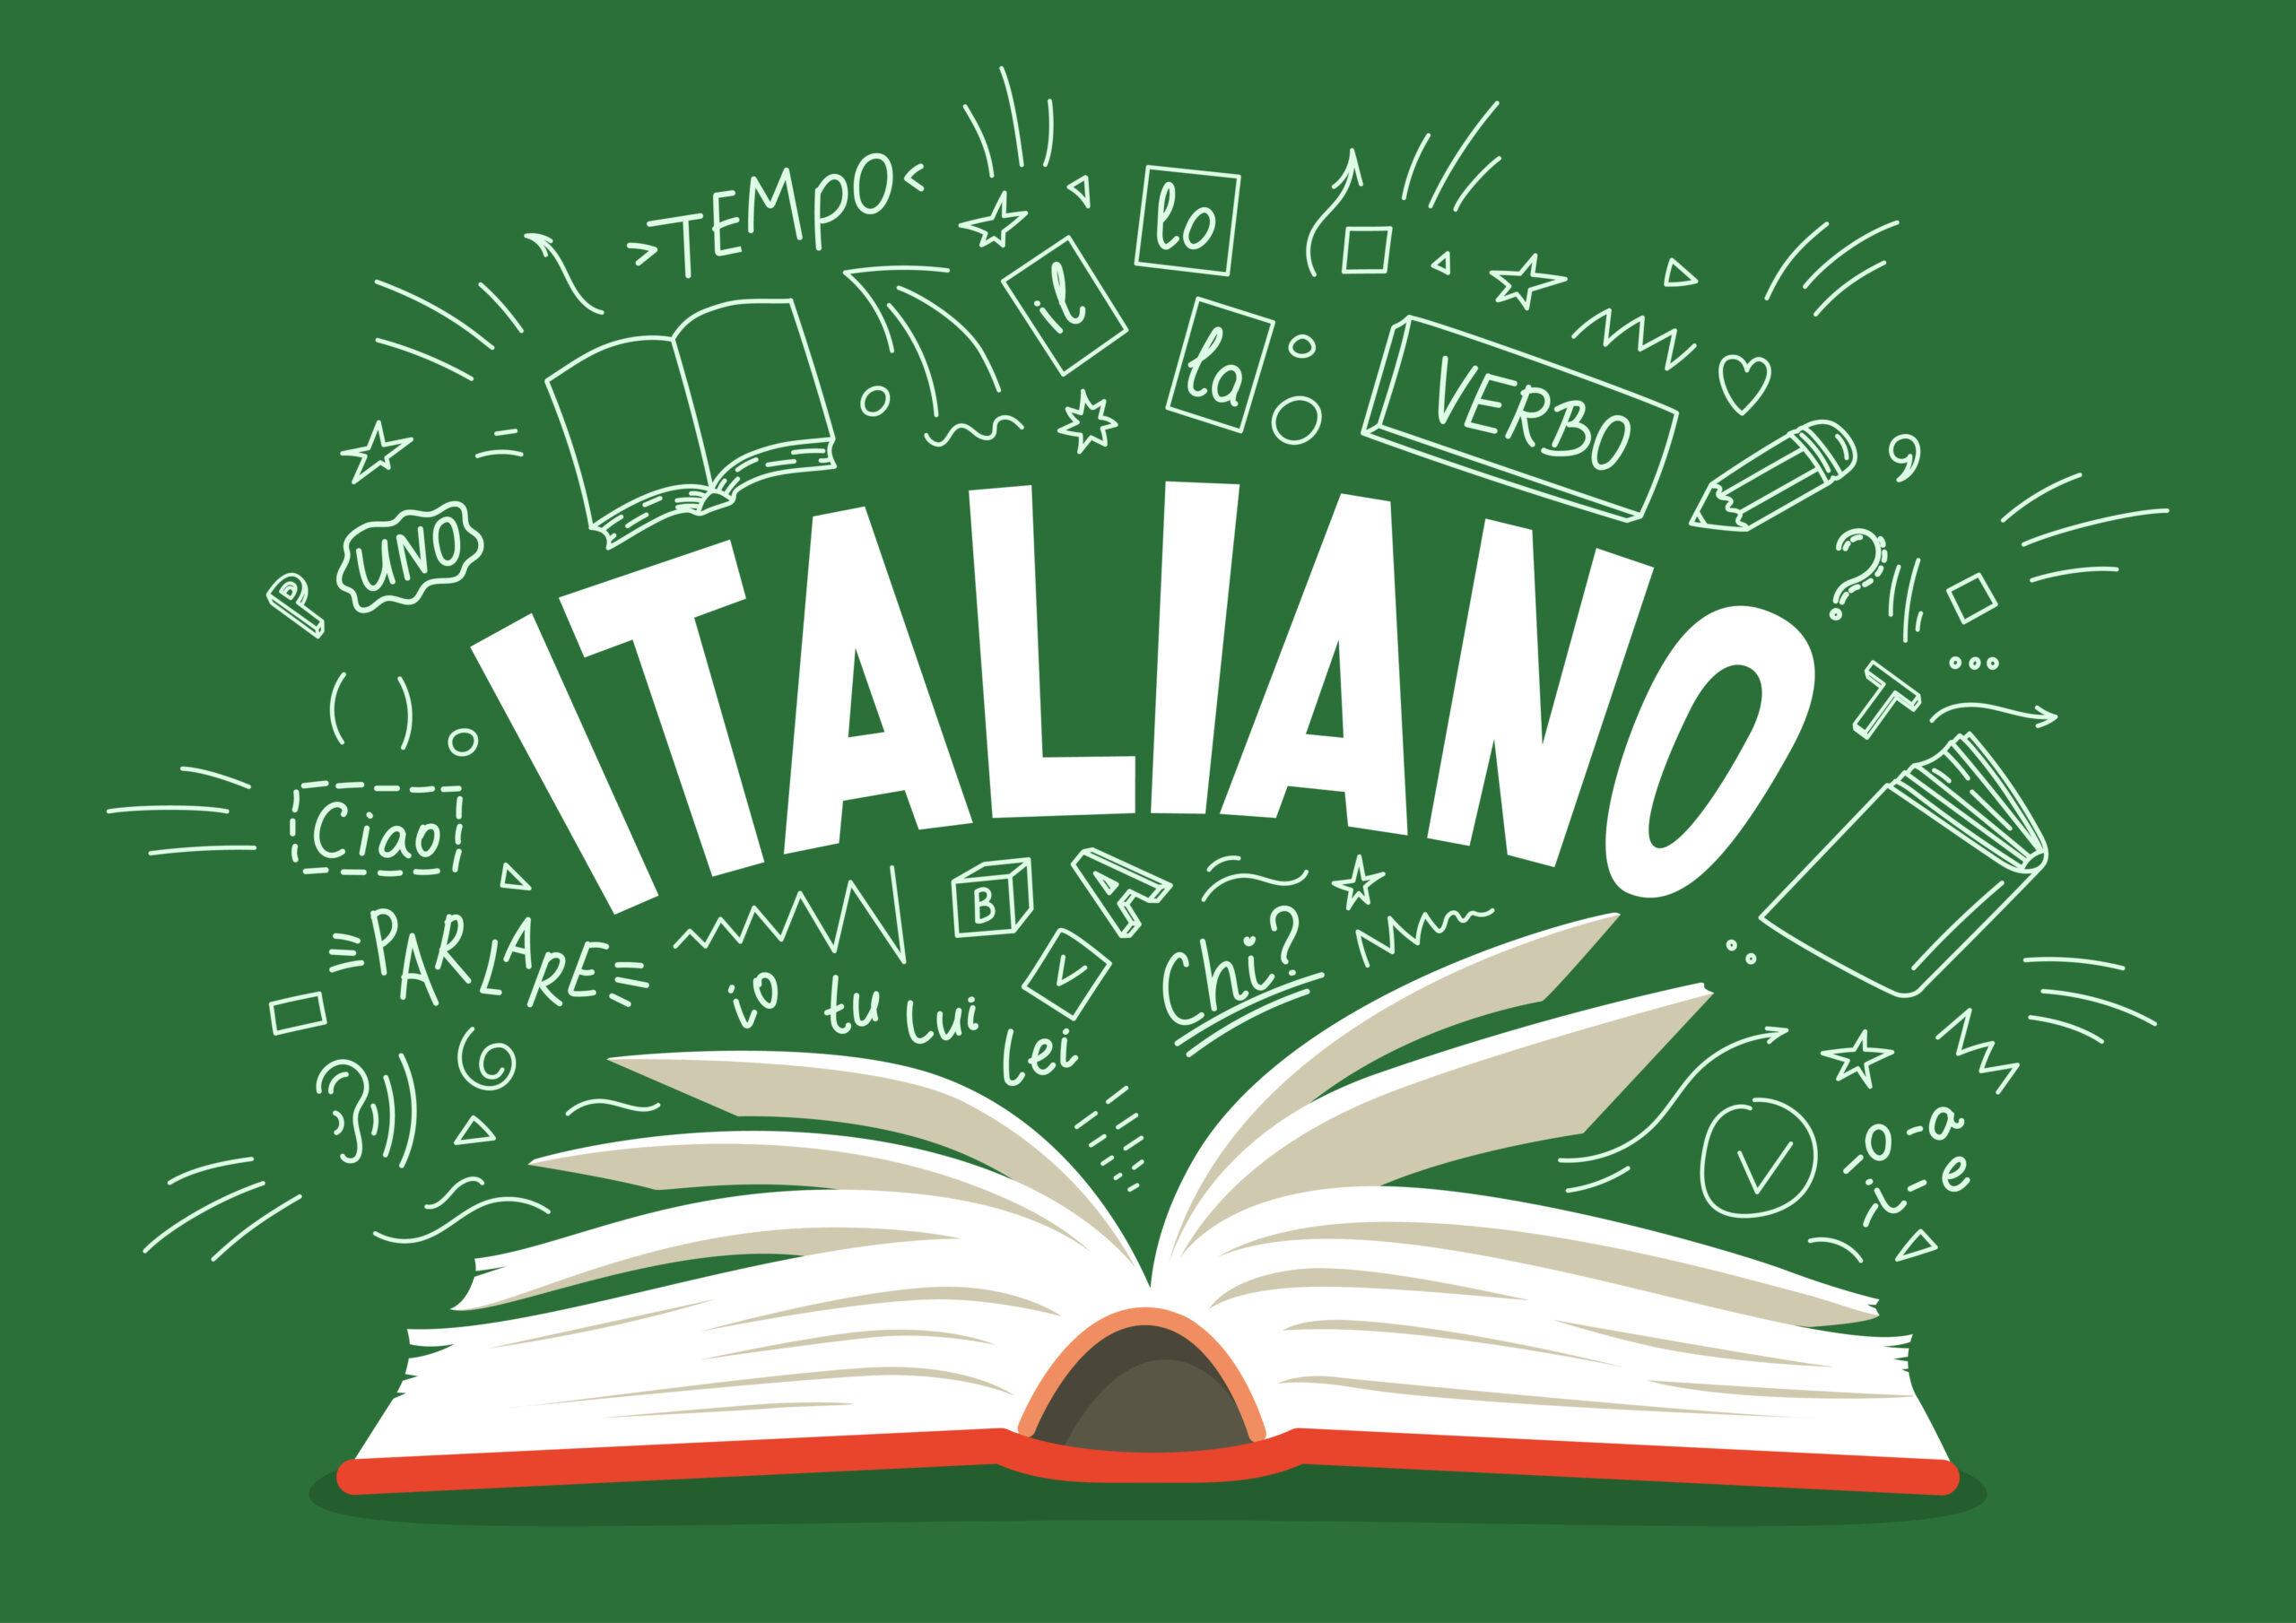 ボンジョルノ/イタリア語